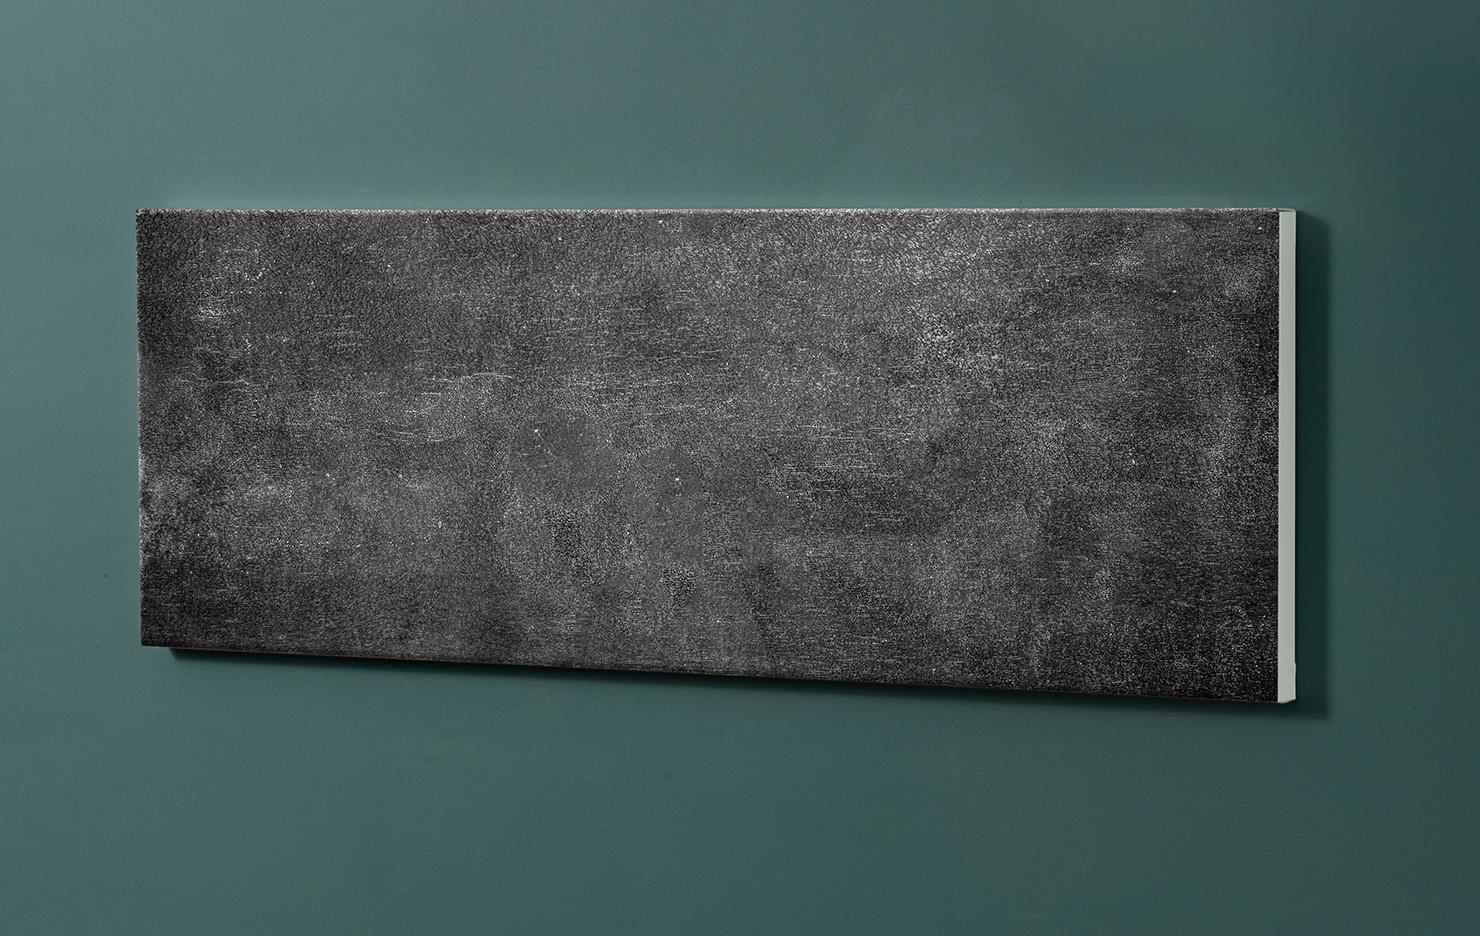 Magnettafel NOTIZ 90x30cm Motiv-Pinnwand M102 Schiefer